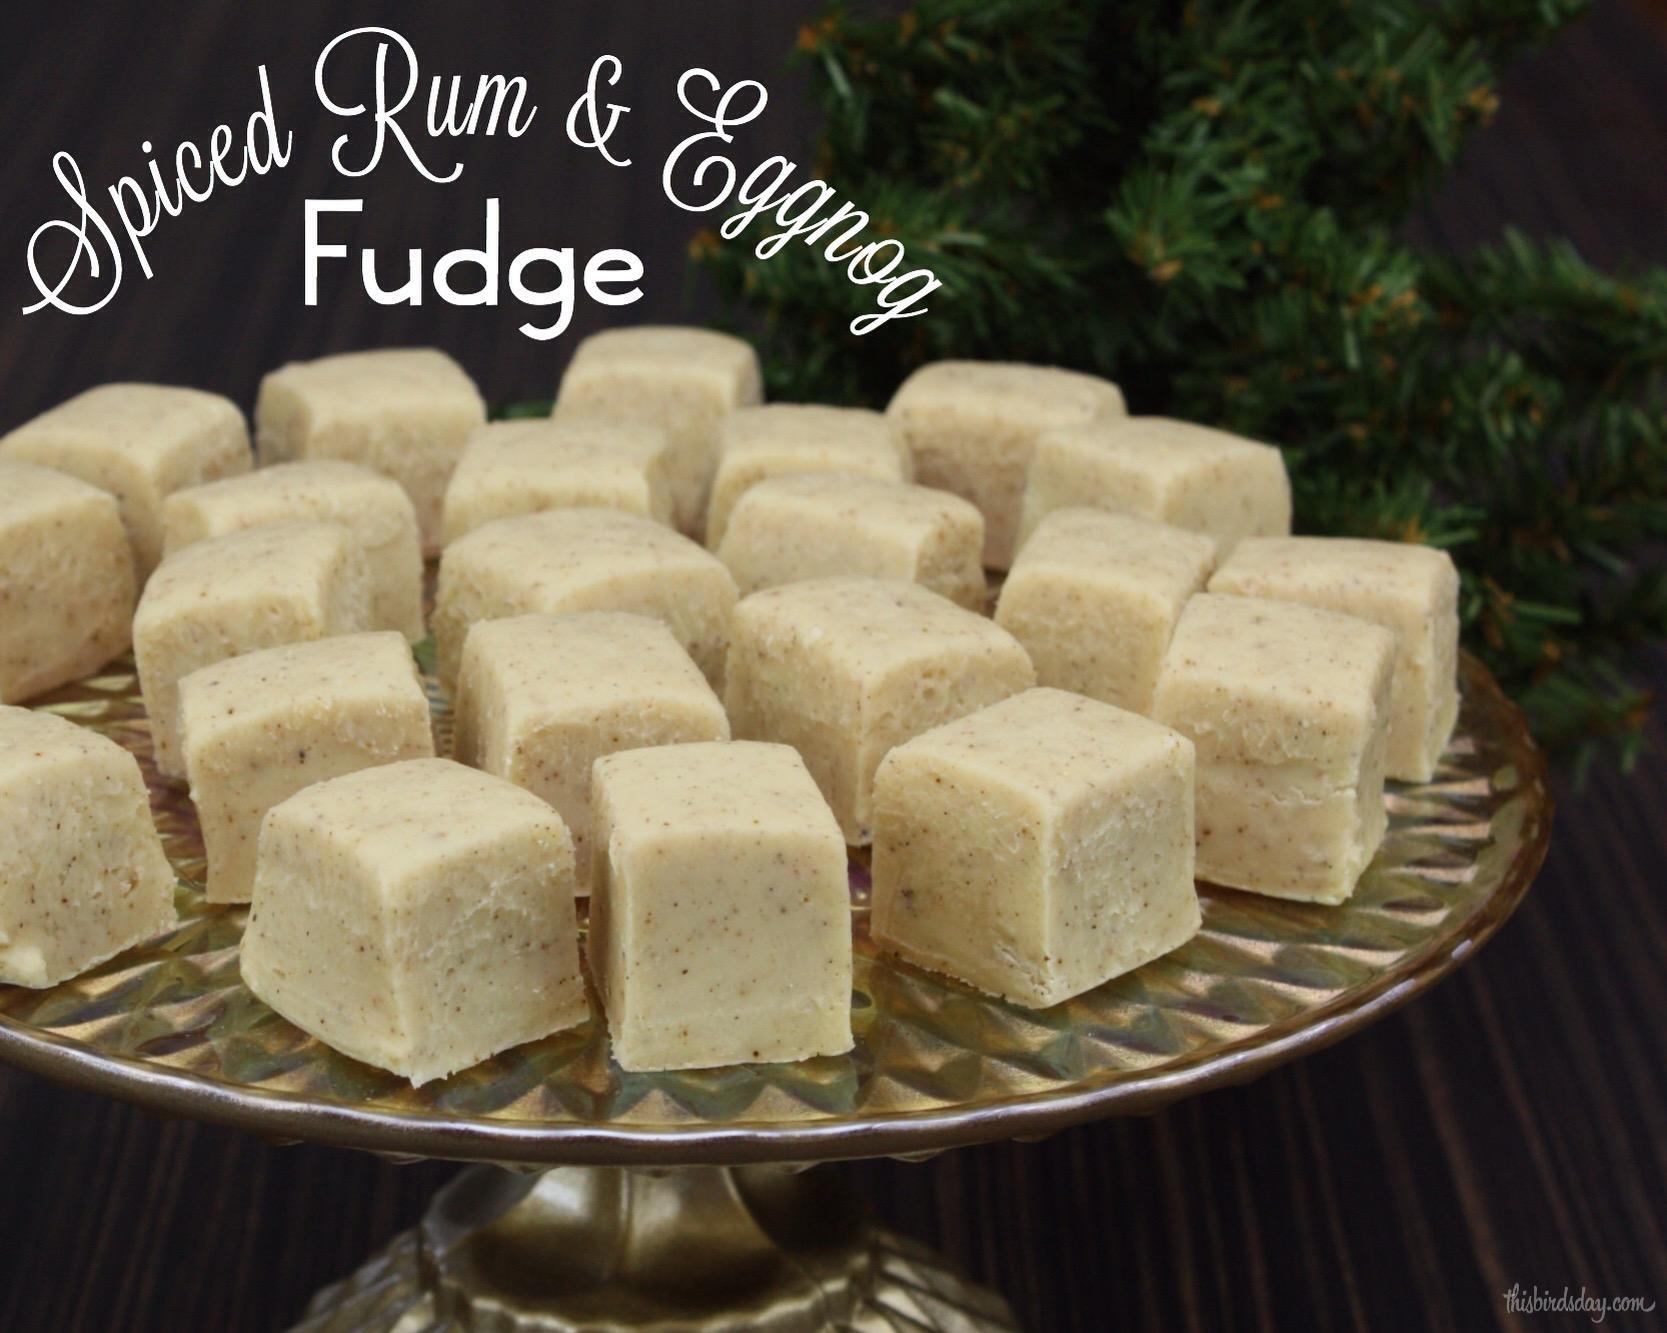 Spiced Rum & Eggnog Fudge Recipe